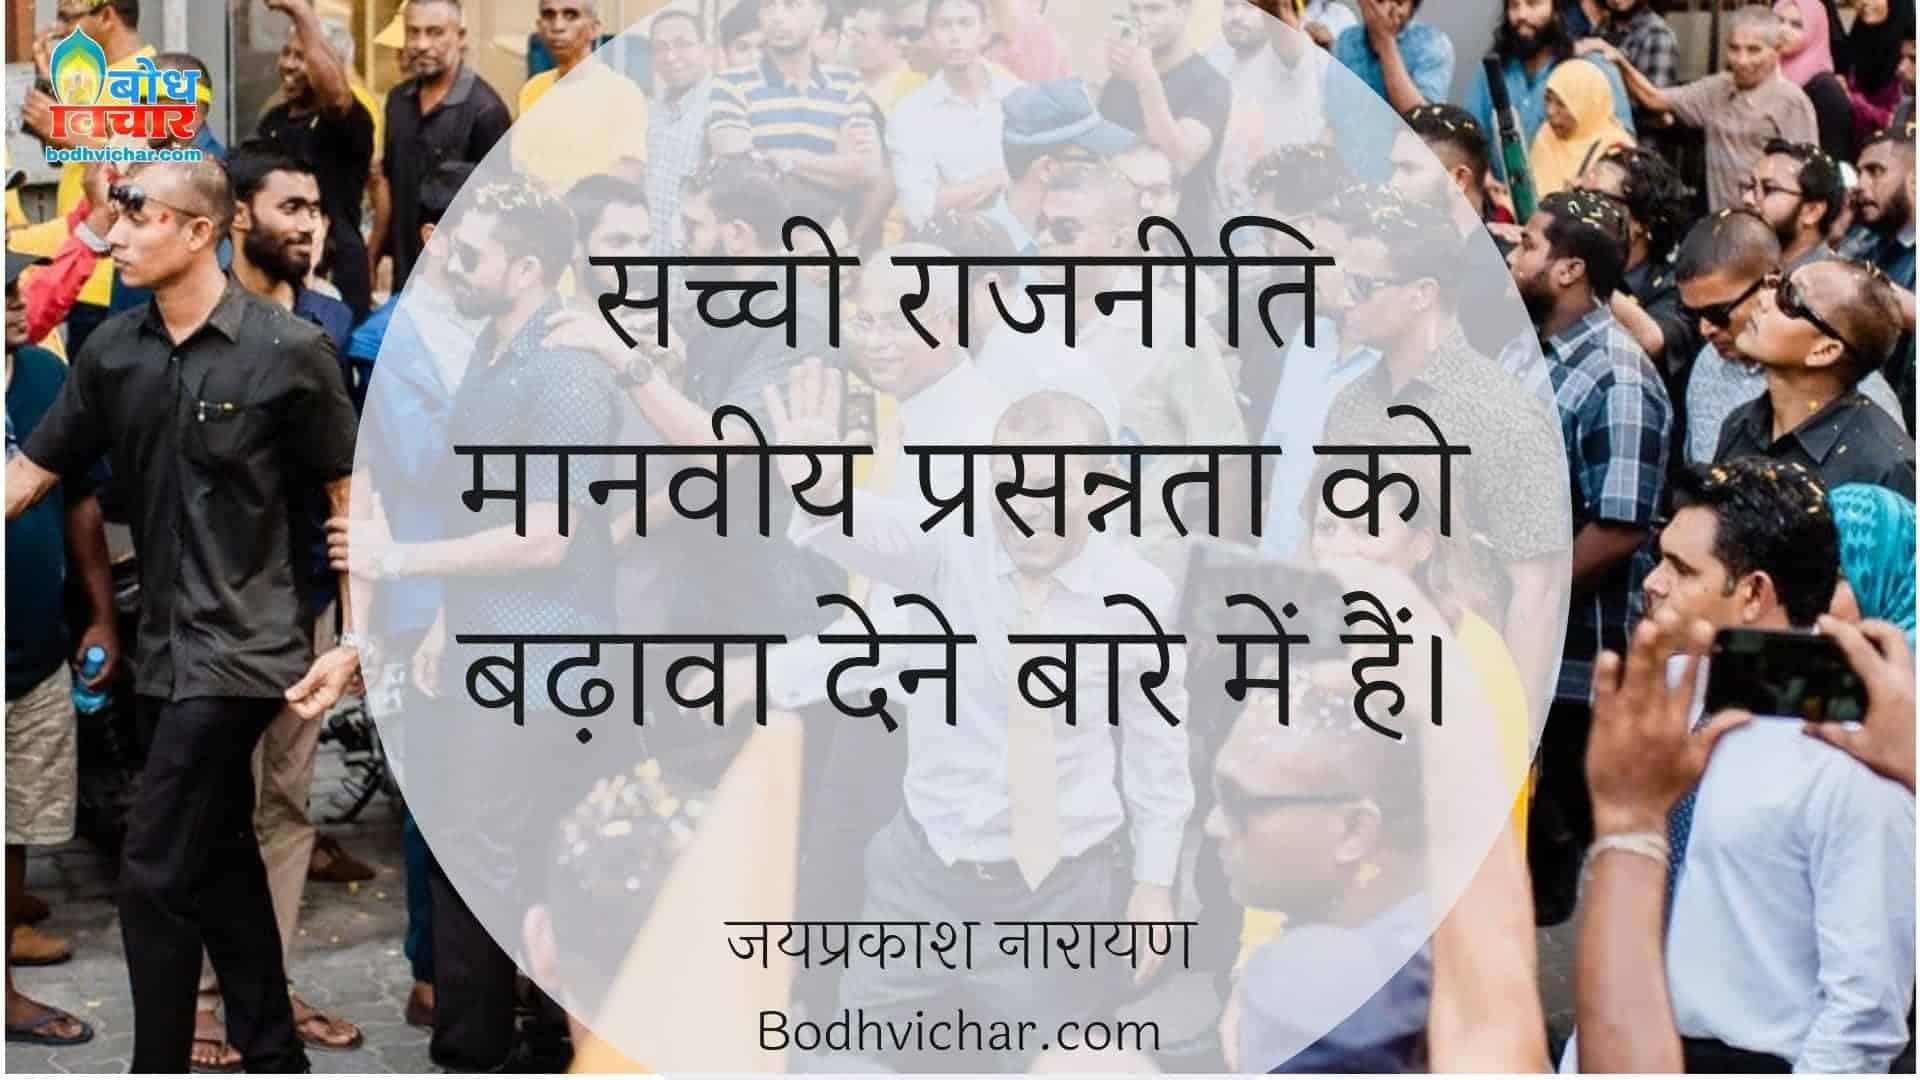 सच्ची राजनीति मानवीय प्रसन्नता को बढ़ावा देने बारे में हैं। : Sachchi raajniti manveey prasannata ko badhava den men hai - जयप्रकाश नारायण